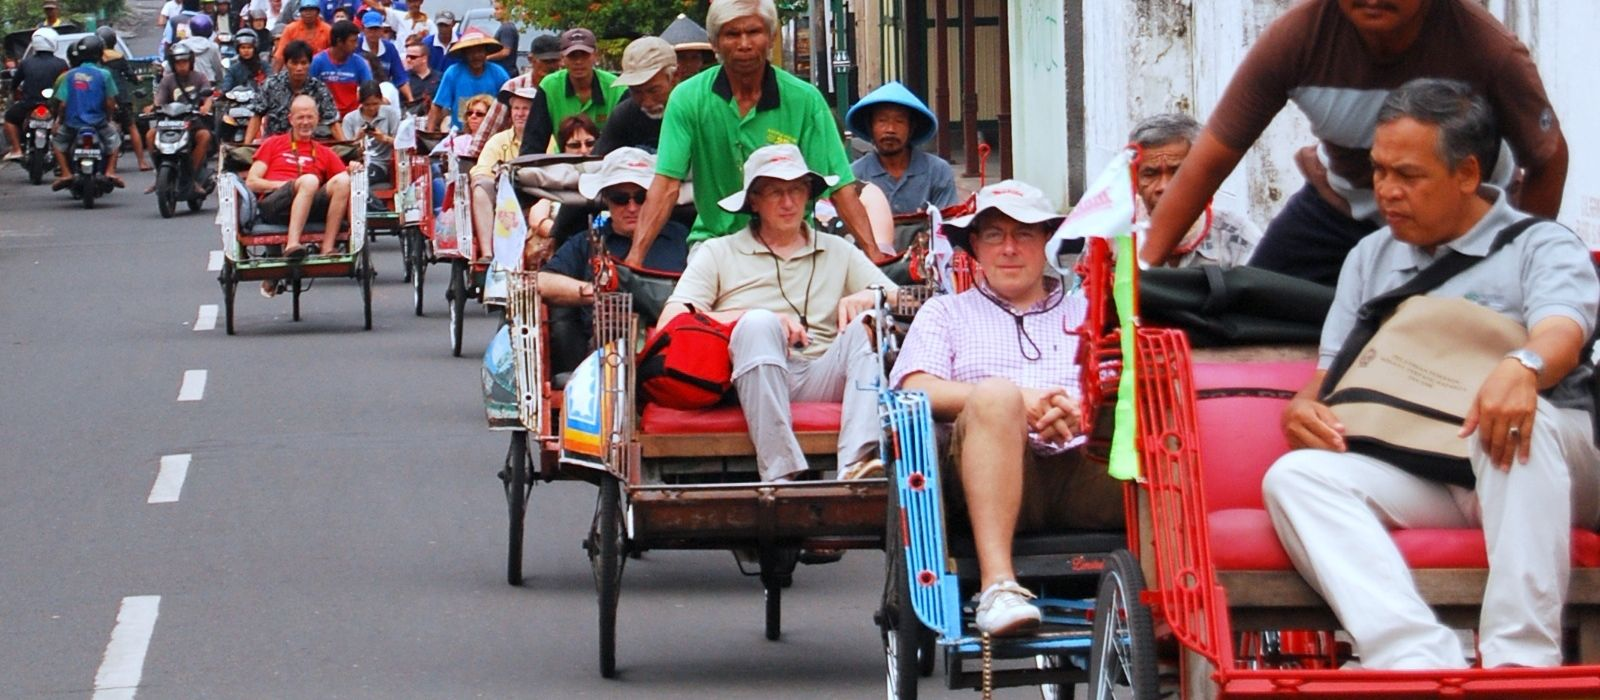 Reiseziel Yogyakarta Indonesien